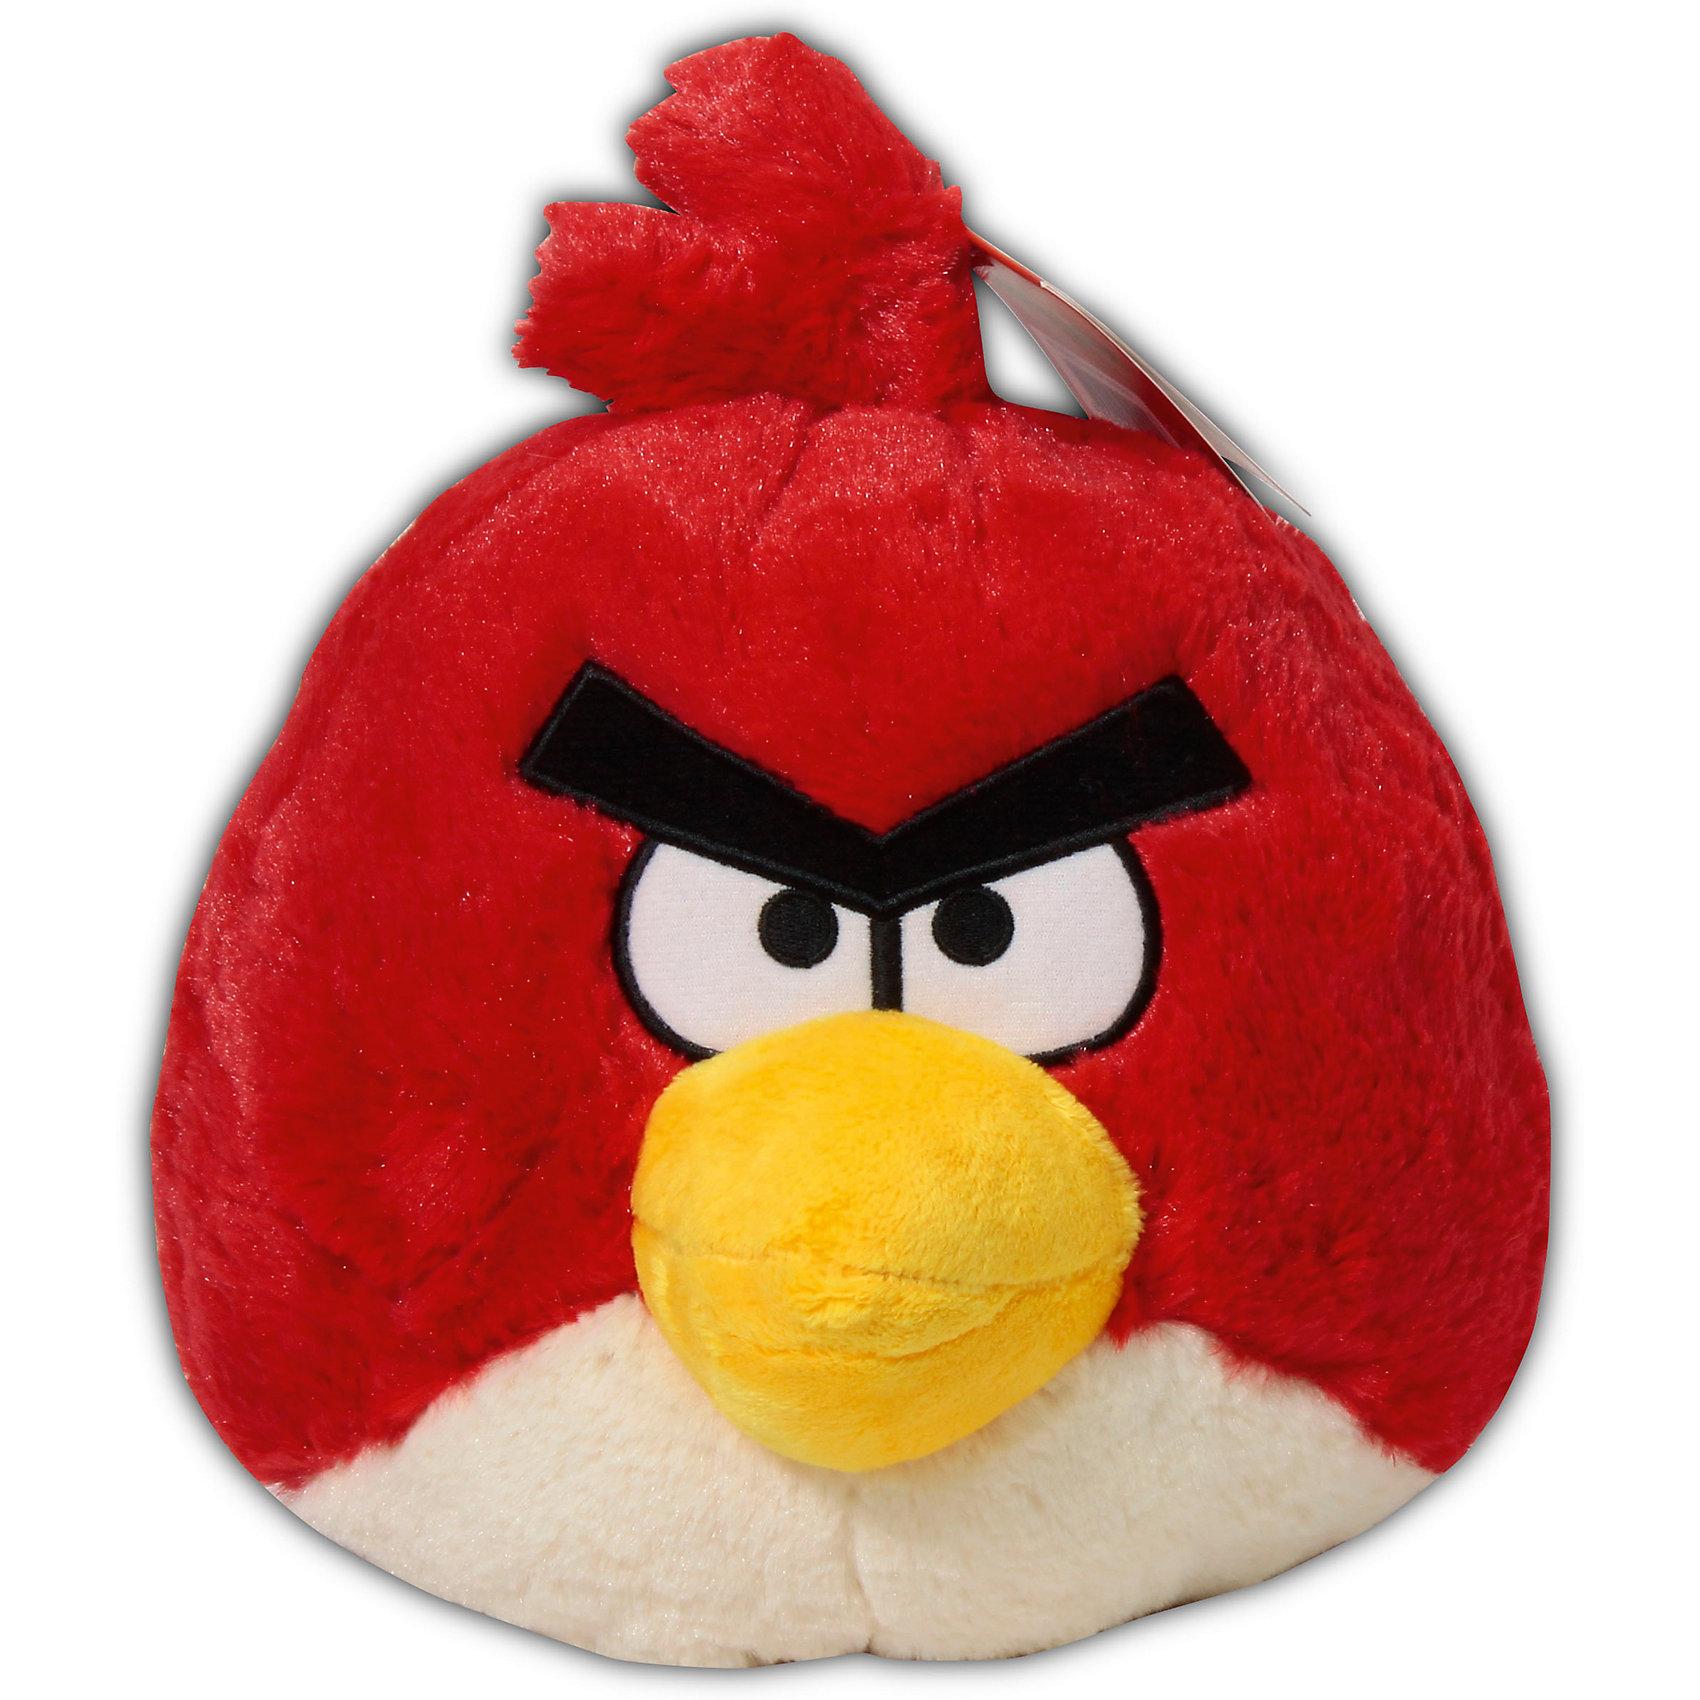 - Мягкая игрушка Красная птица, 20см, Angry Birds angry birds мяг игр 20см желтая птица и игрушка подвеска с клипом 7см